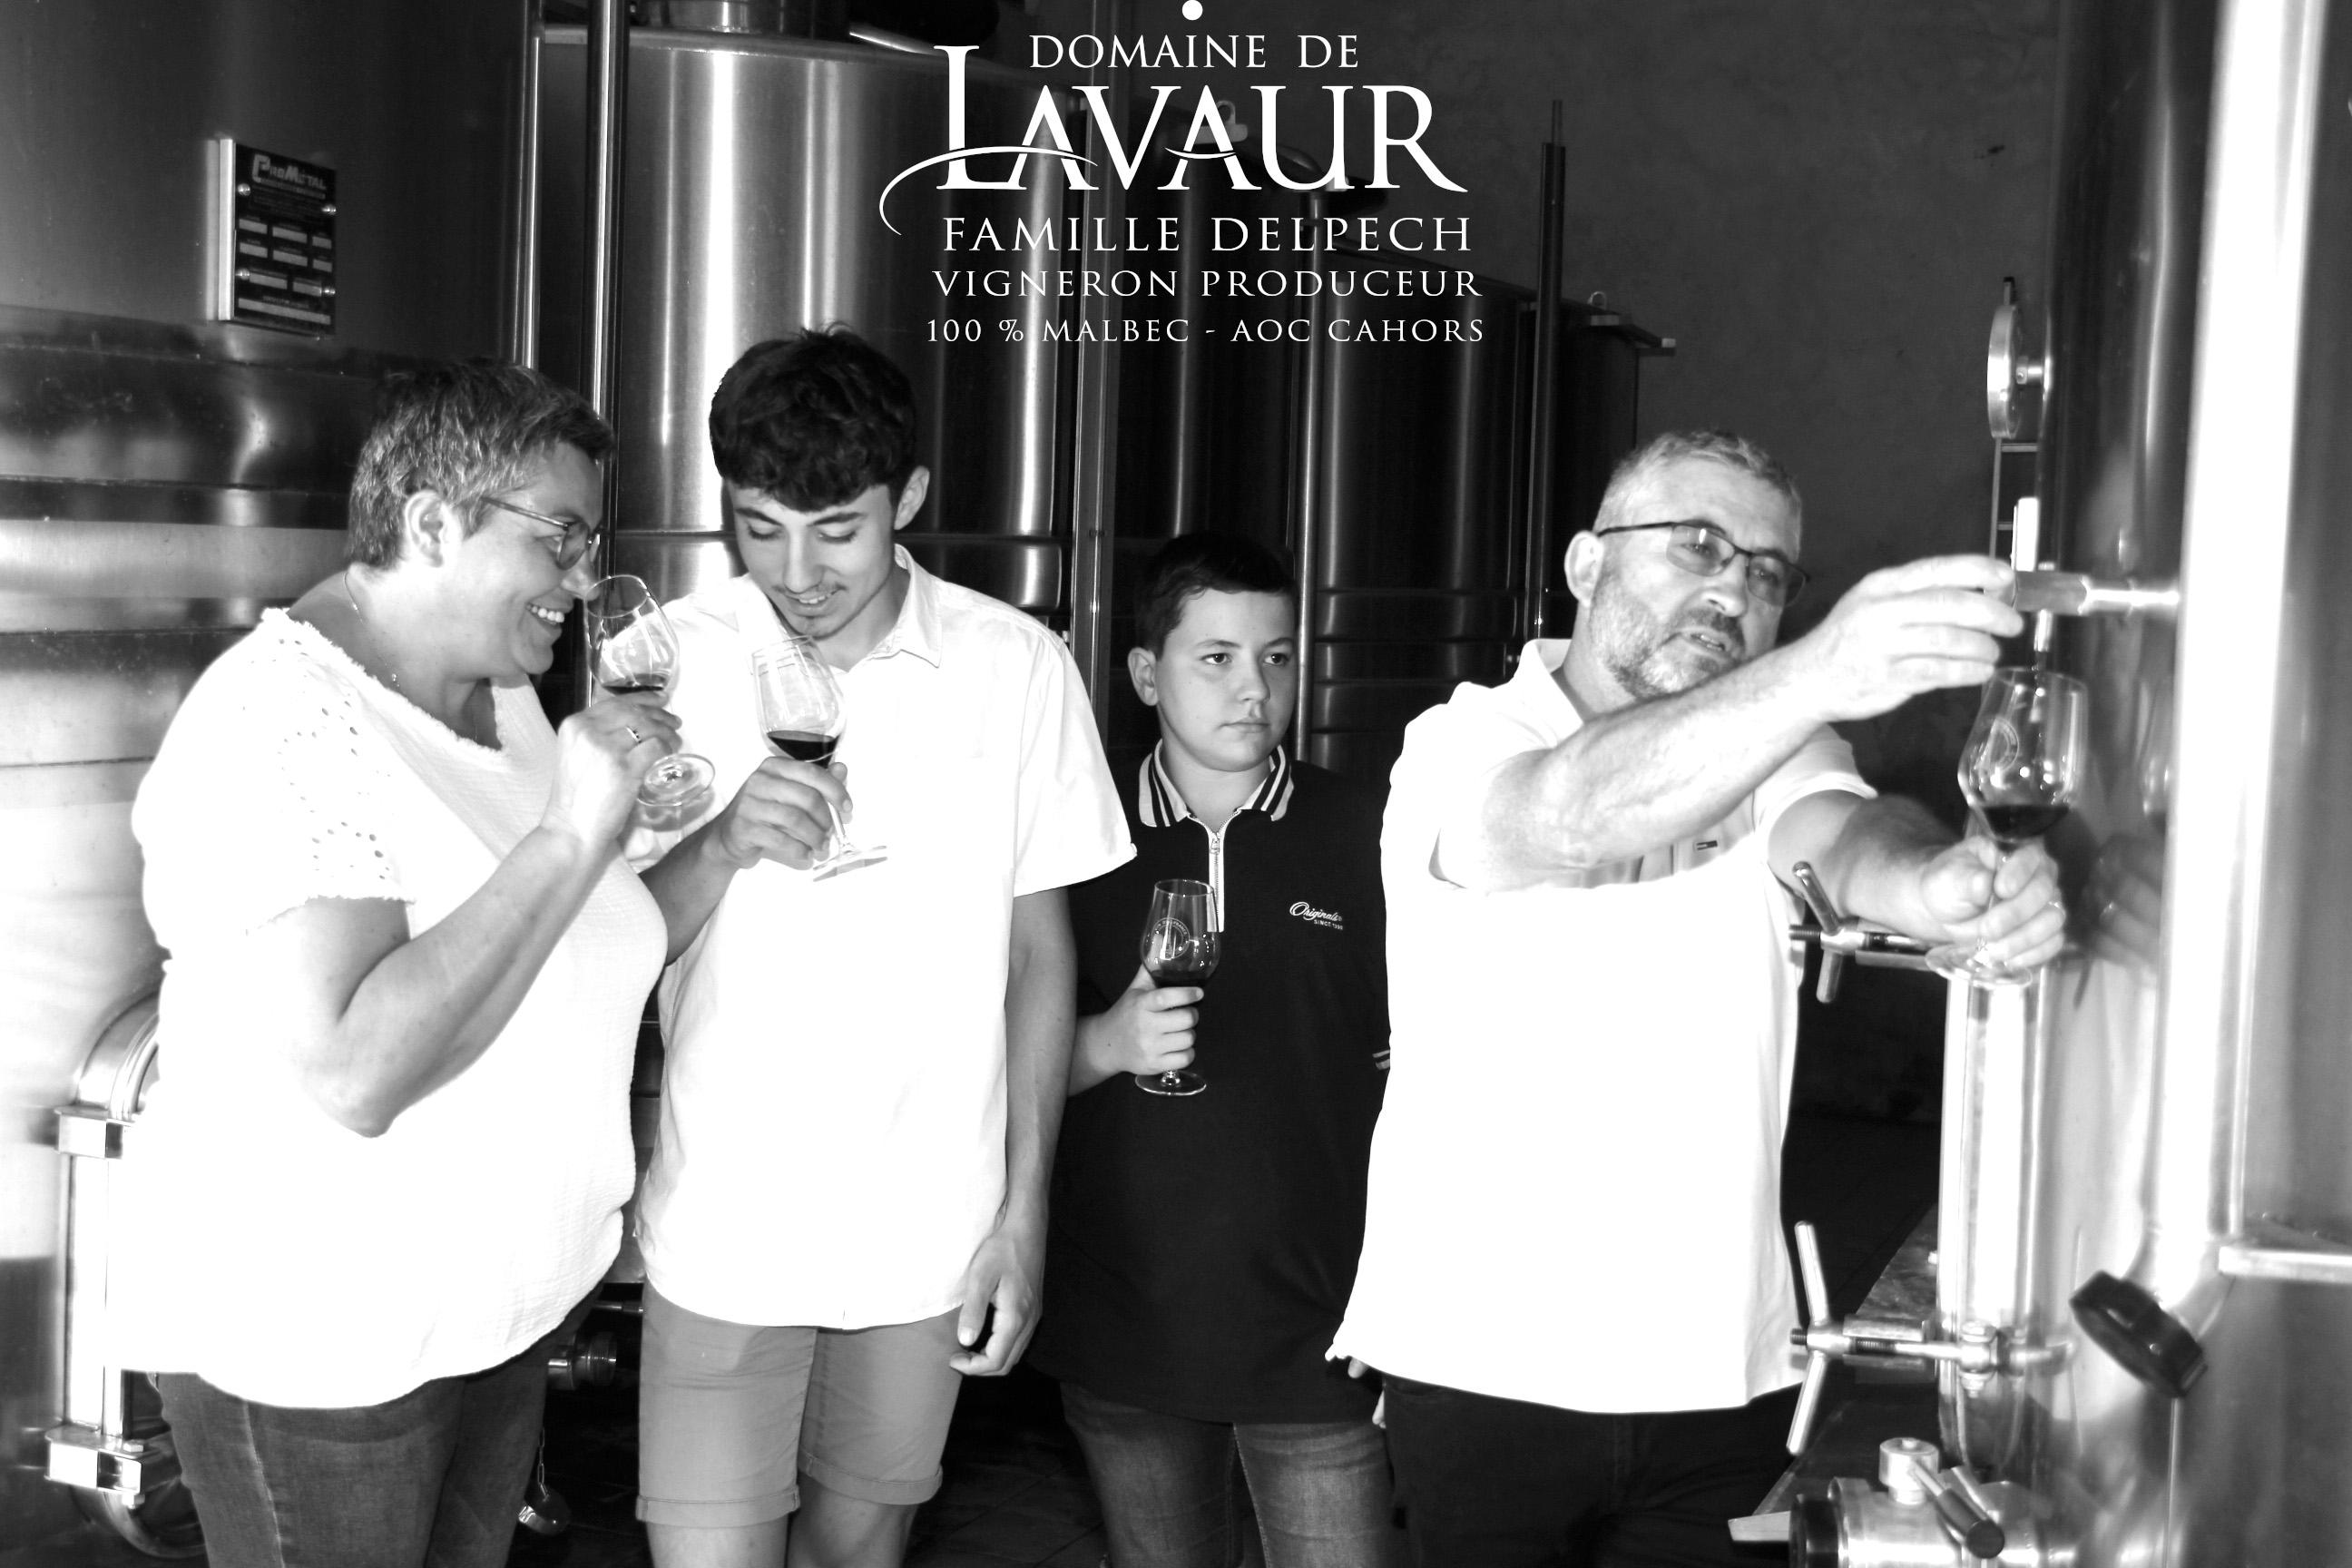 Domaine de Lavaur AOC Cahors malbec vigneron récoltant - dégustation - séjour - vente en ligne et à la propriété